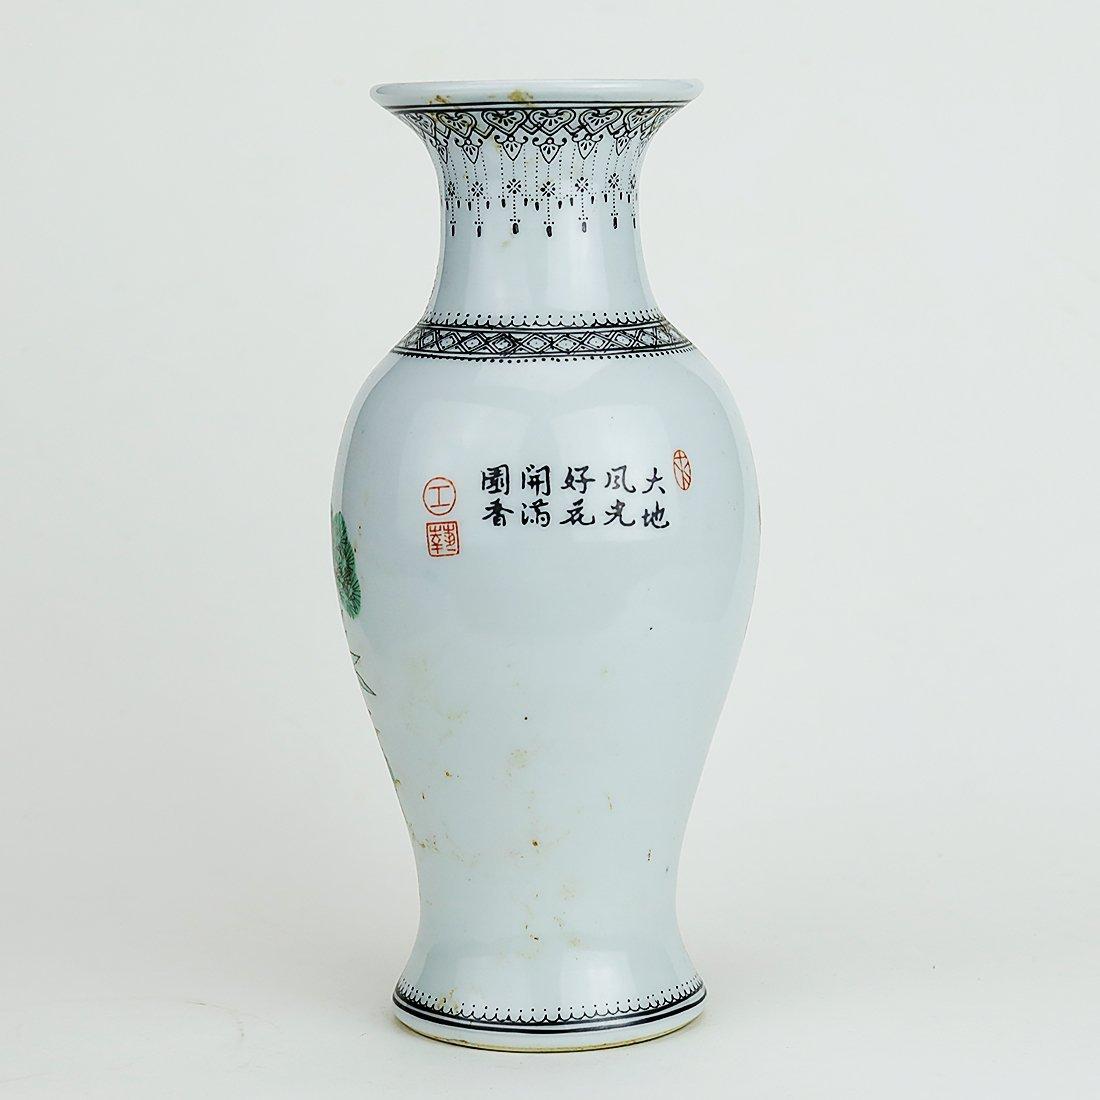 Jingdezhen pastel peacock ceramic vase,19 Century - 2